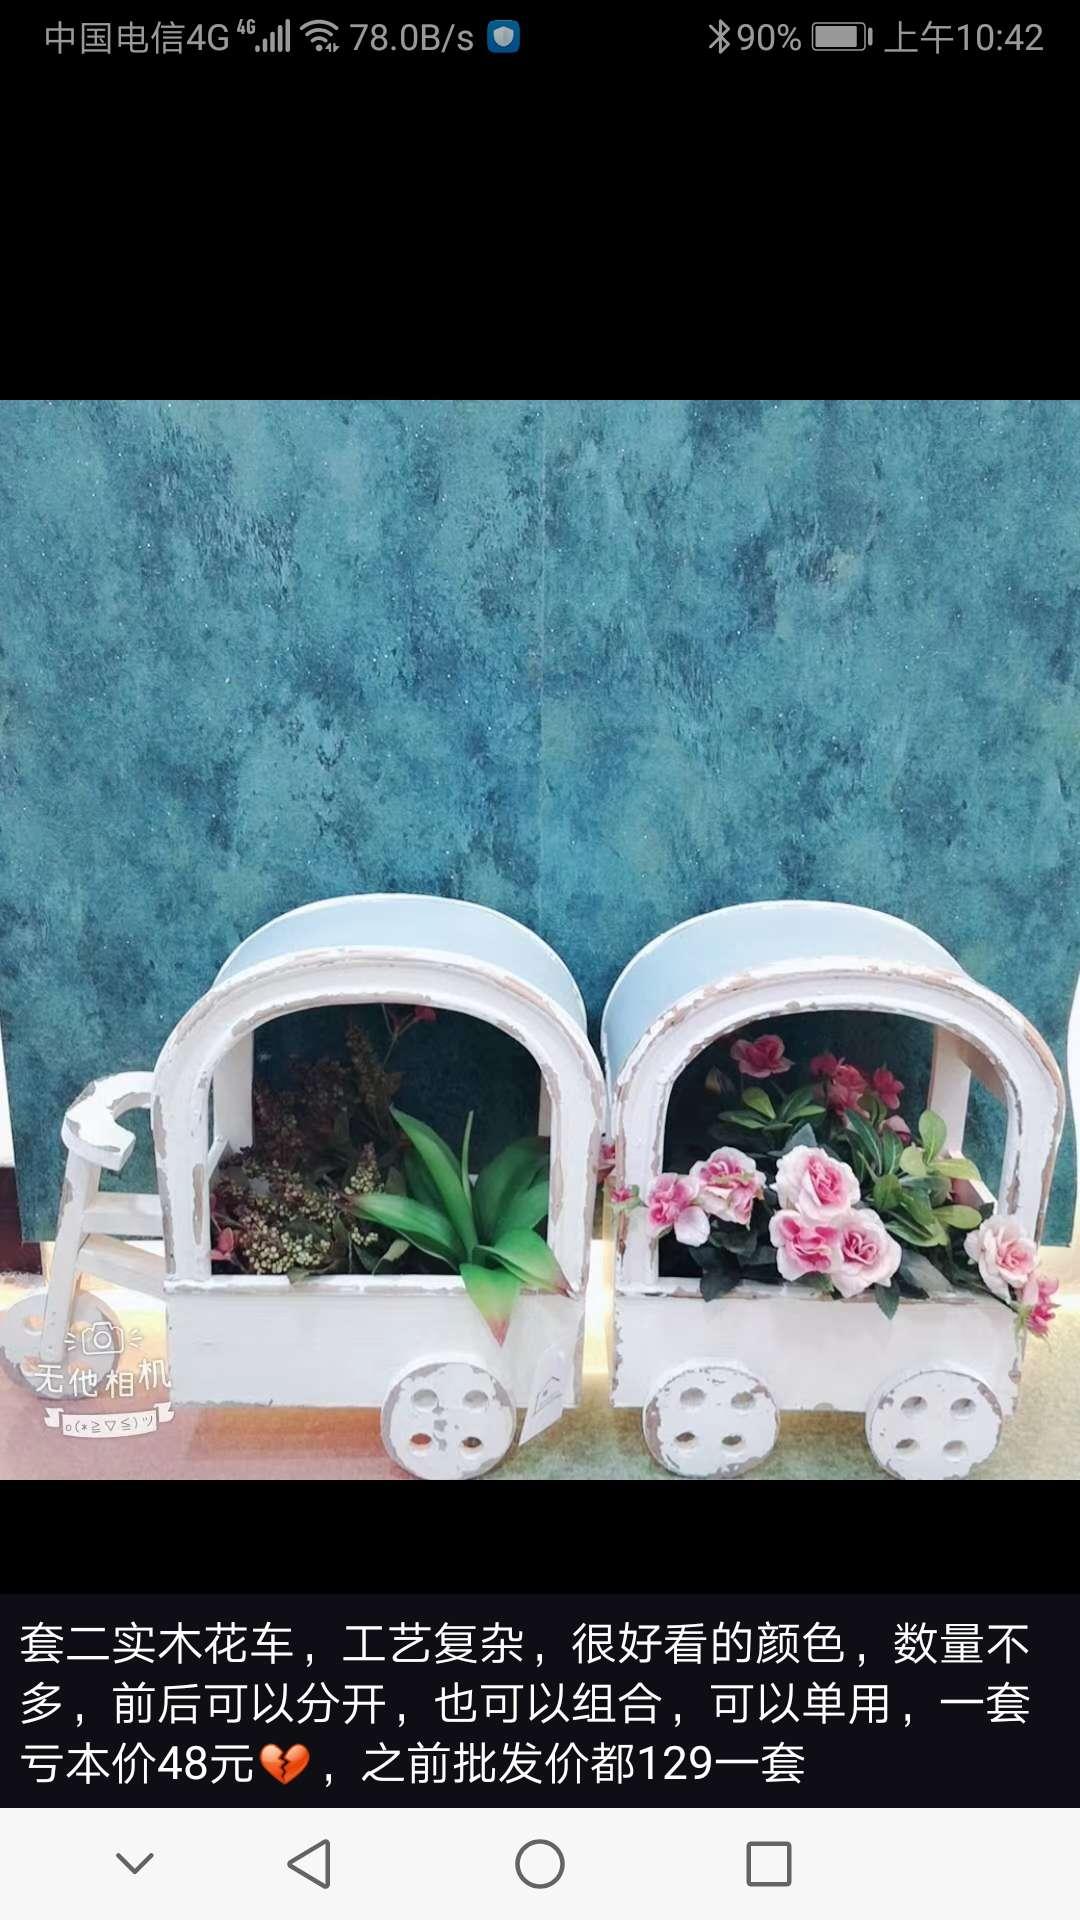 花架个性装饰品客厅装饰开业软装家居奢华时尚创意家居装饰品